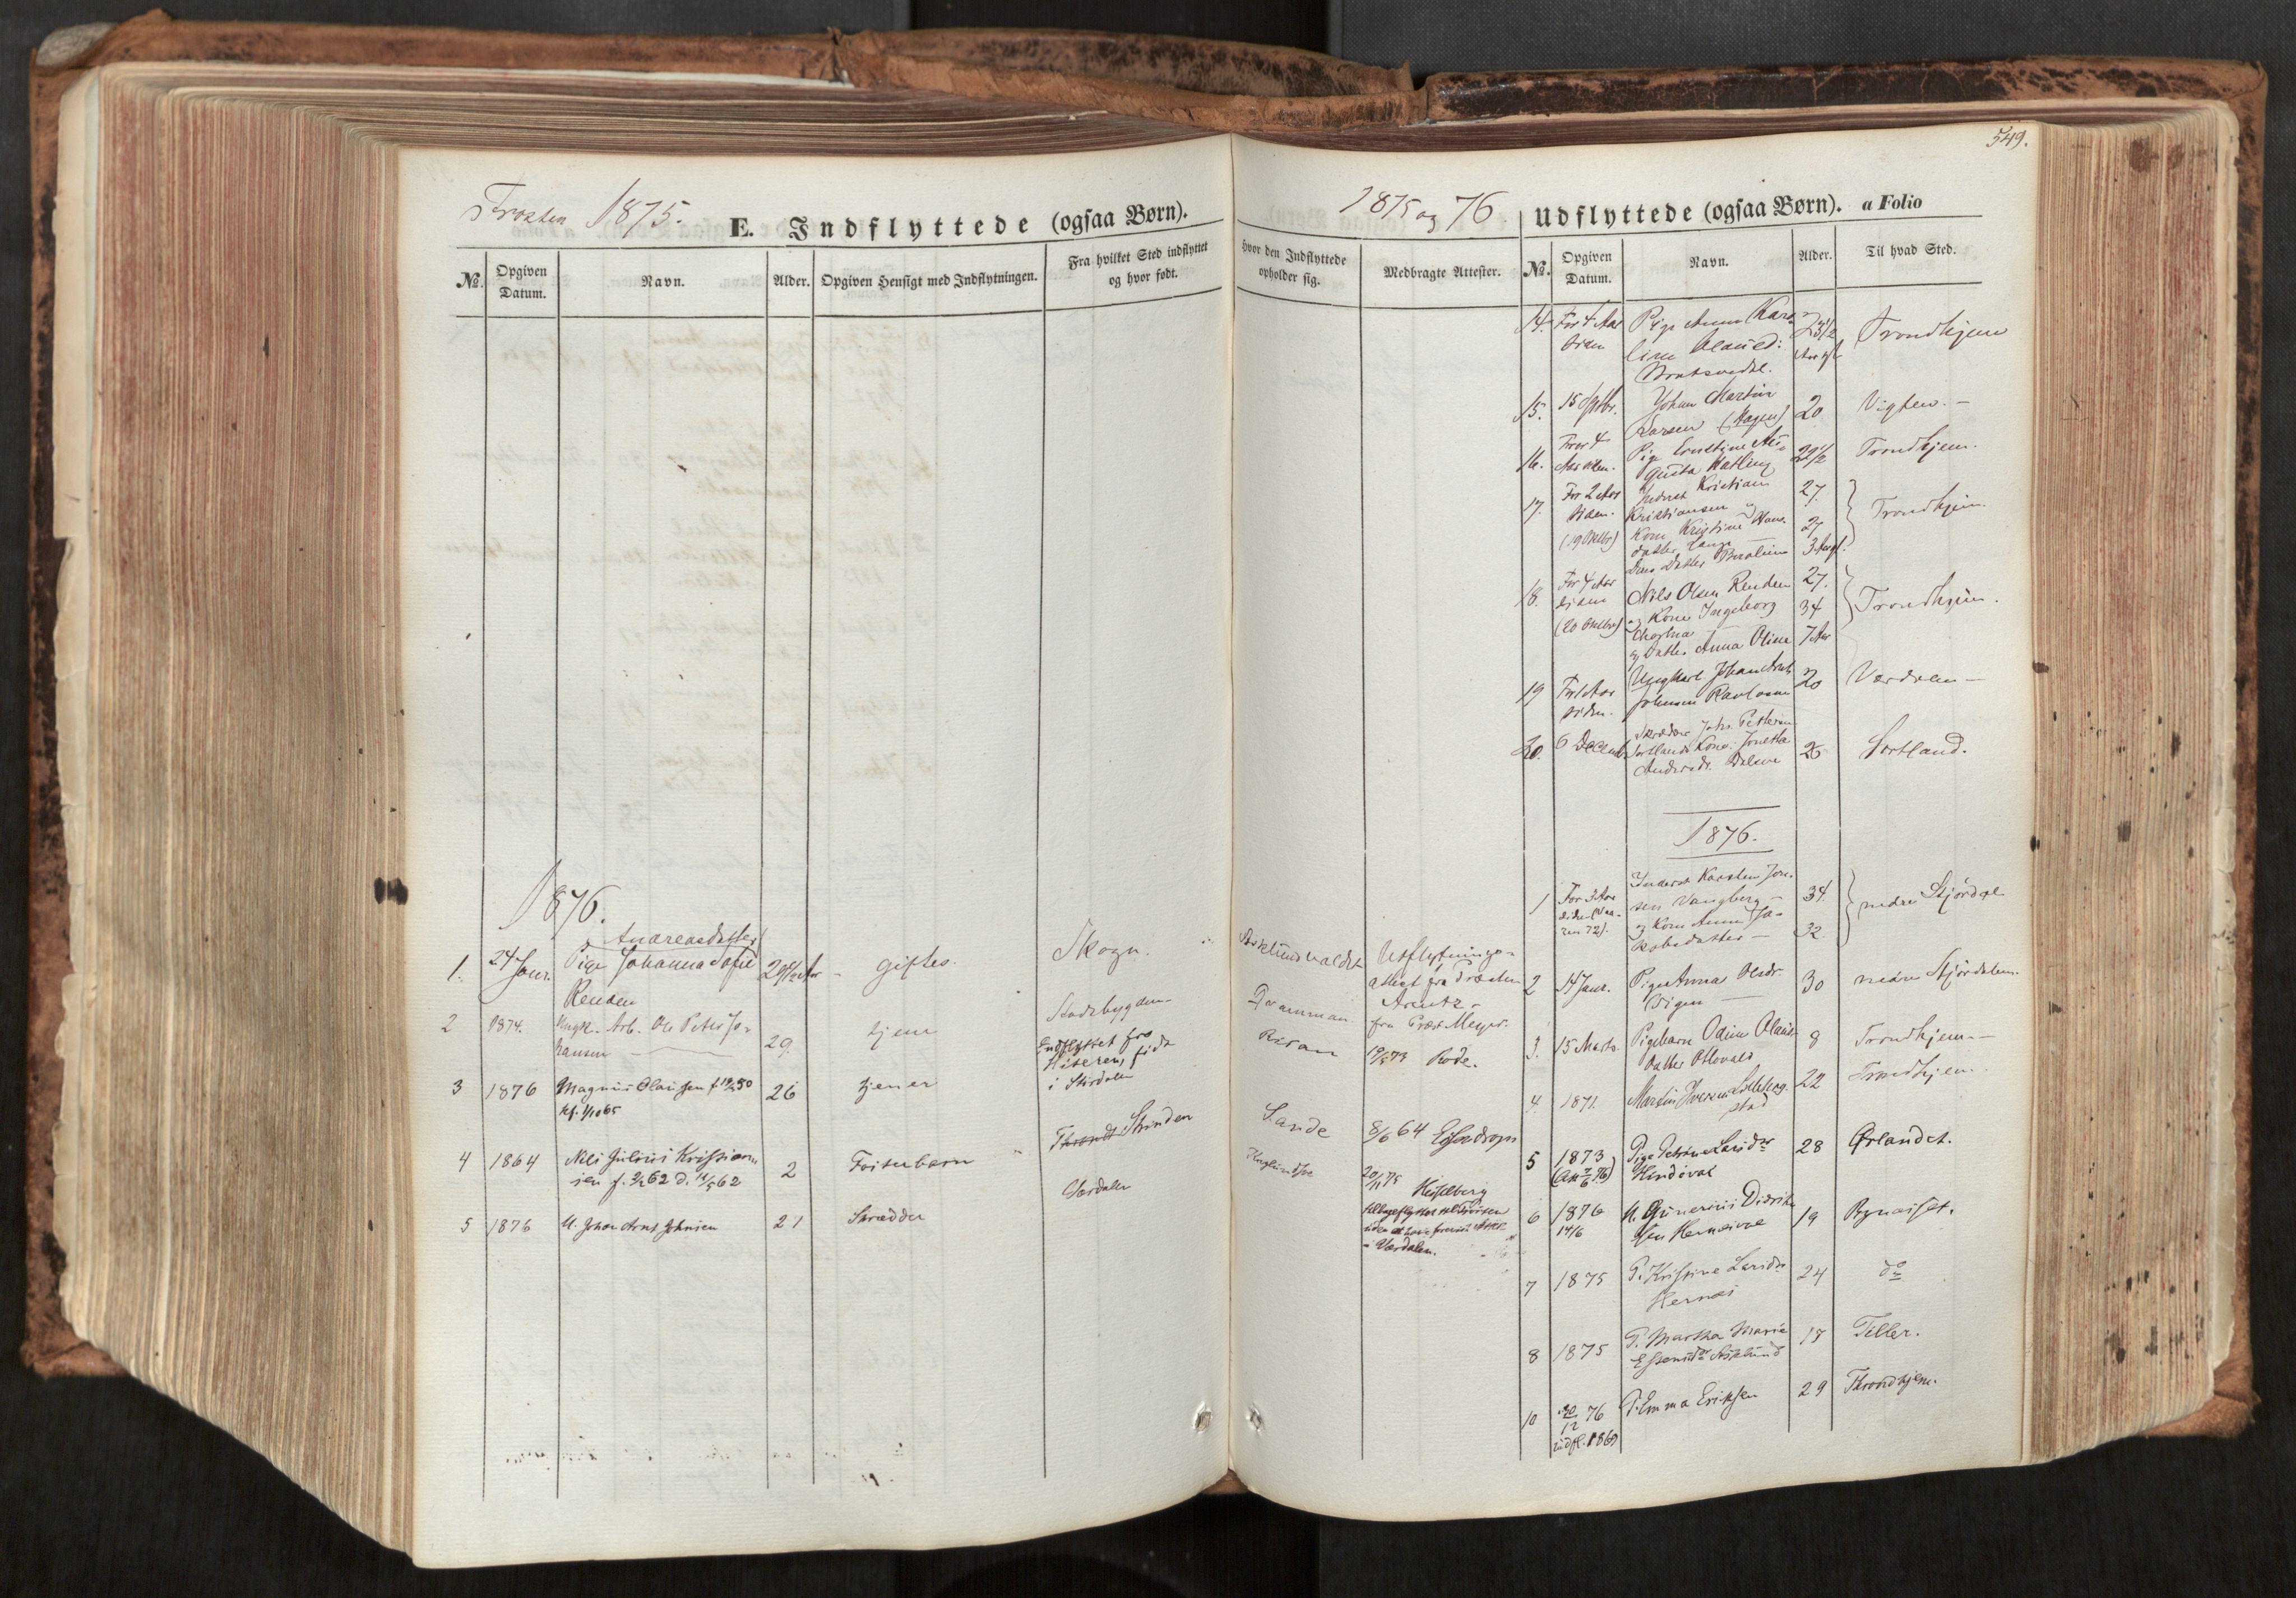 SAT, Ministerialprotokoller, klokkerbøker og fødselsregistre - Nord-Trøndelag, 713/L0116: Ministerialbok nr. 713A07, 1850-1877, s. 549